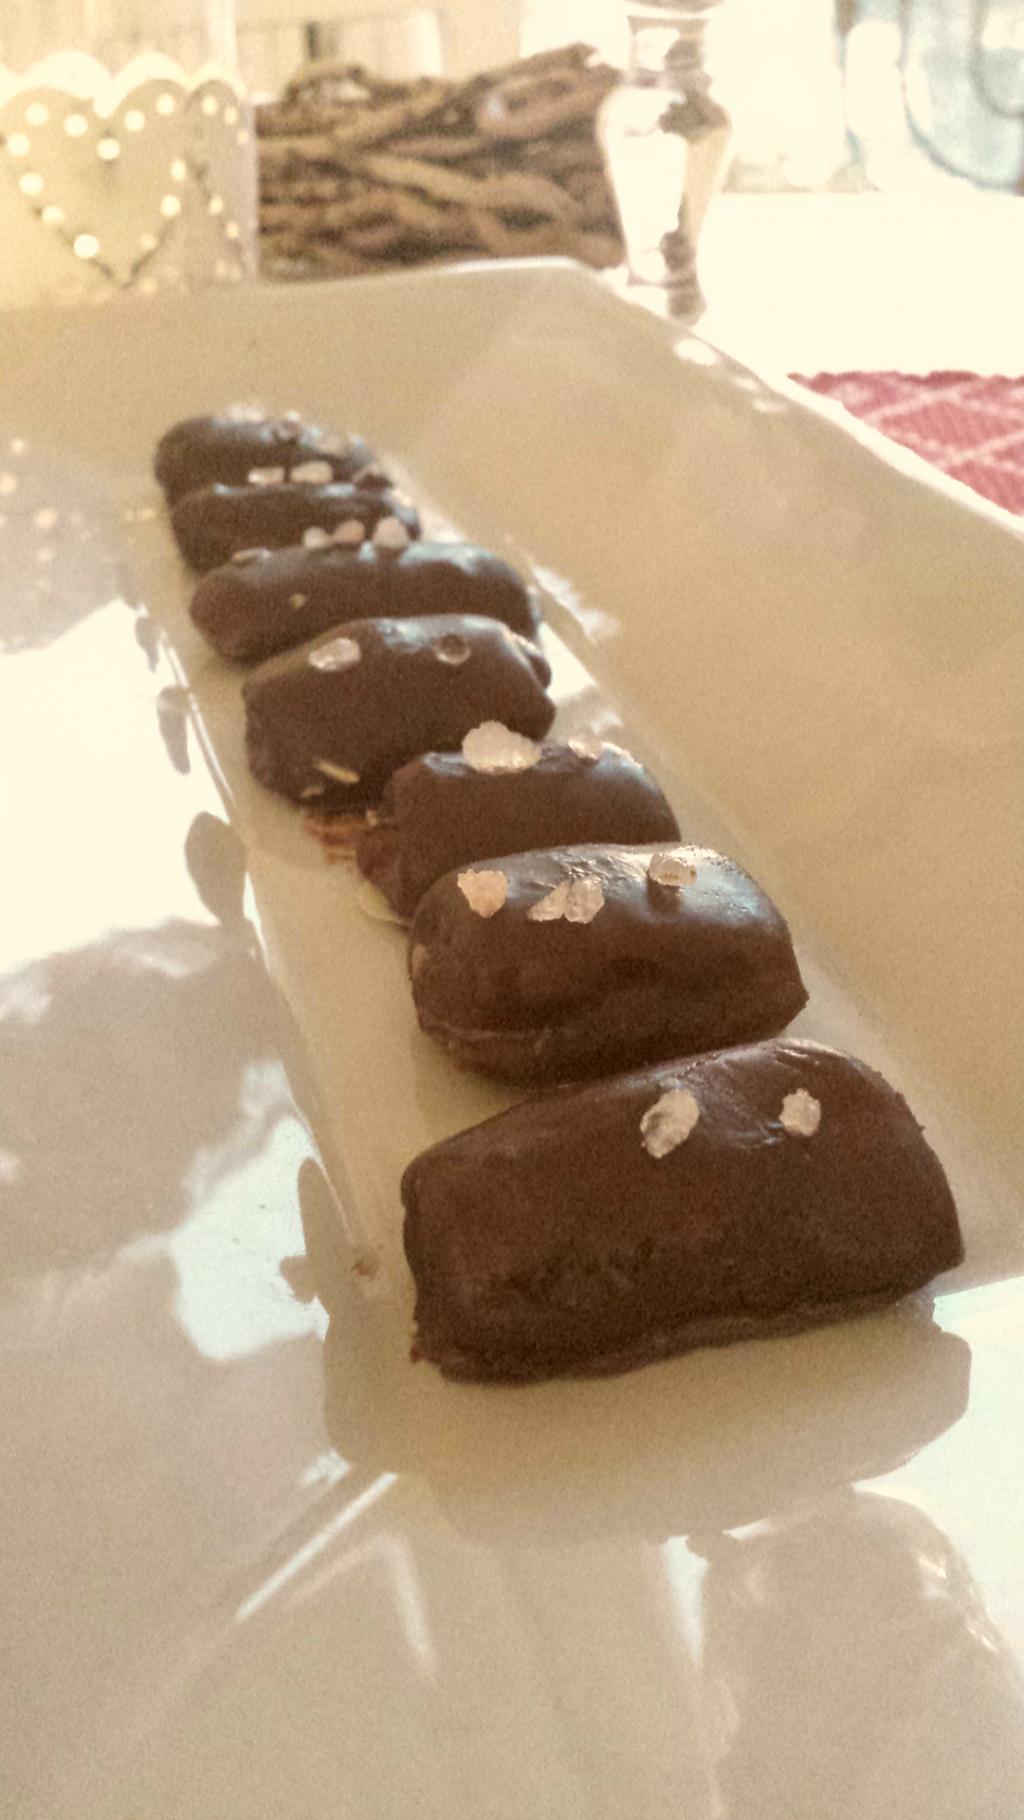 Lakritskola med chokladöverdrag i rad på ett avlångt grått fat